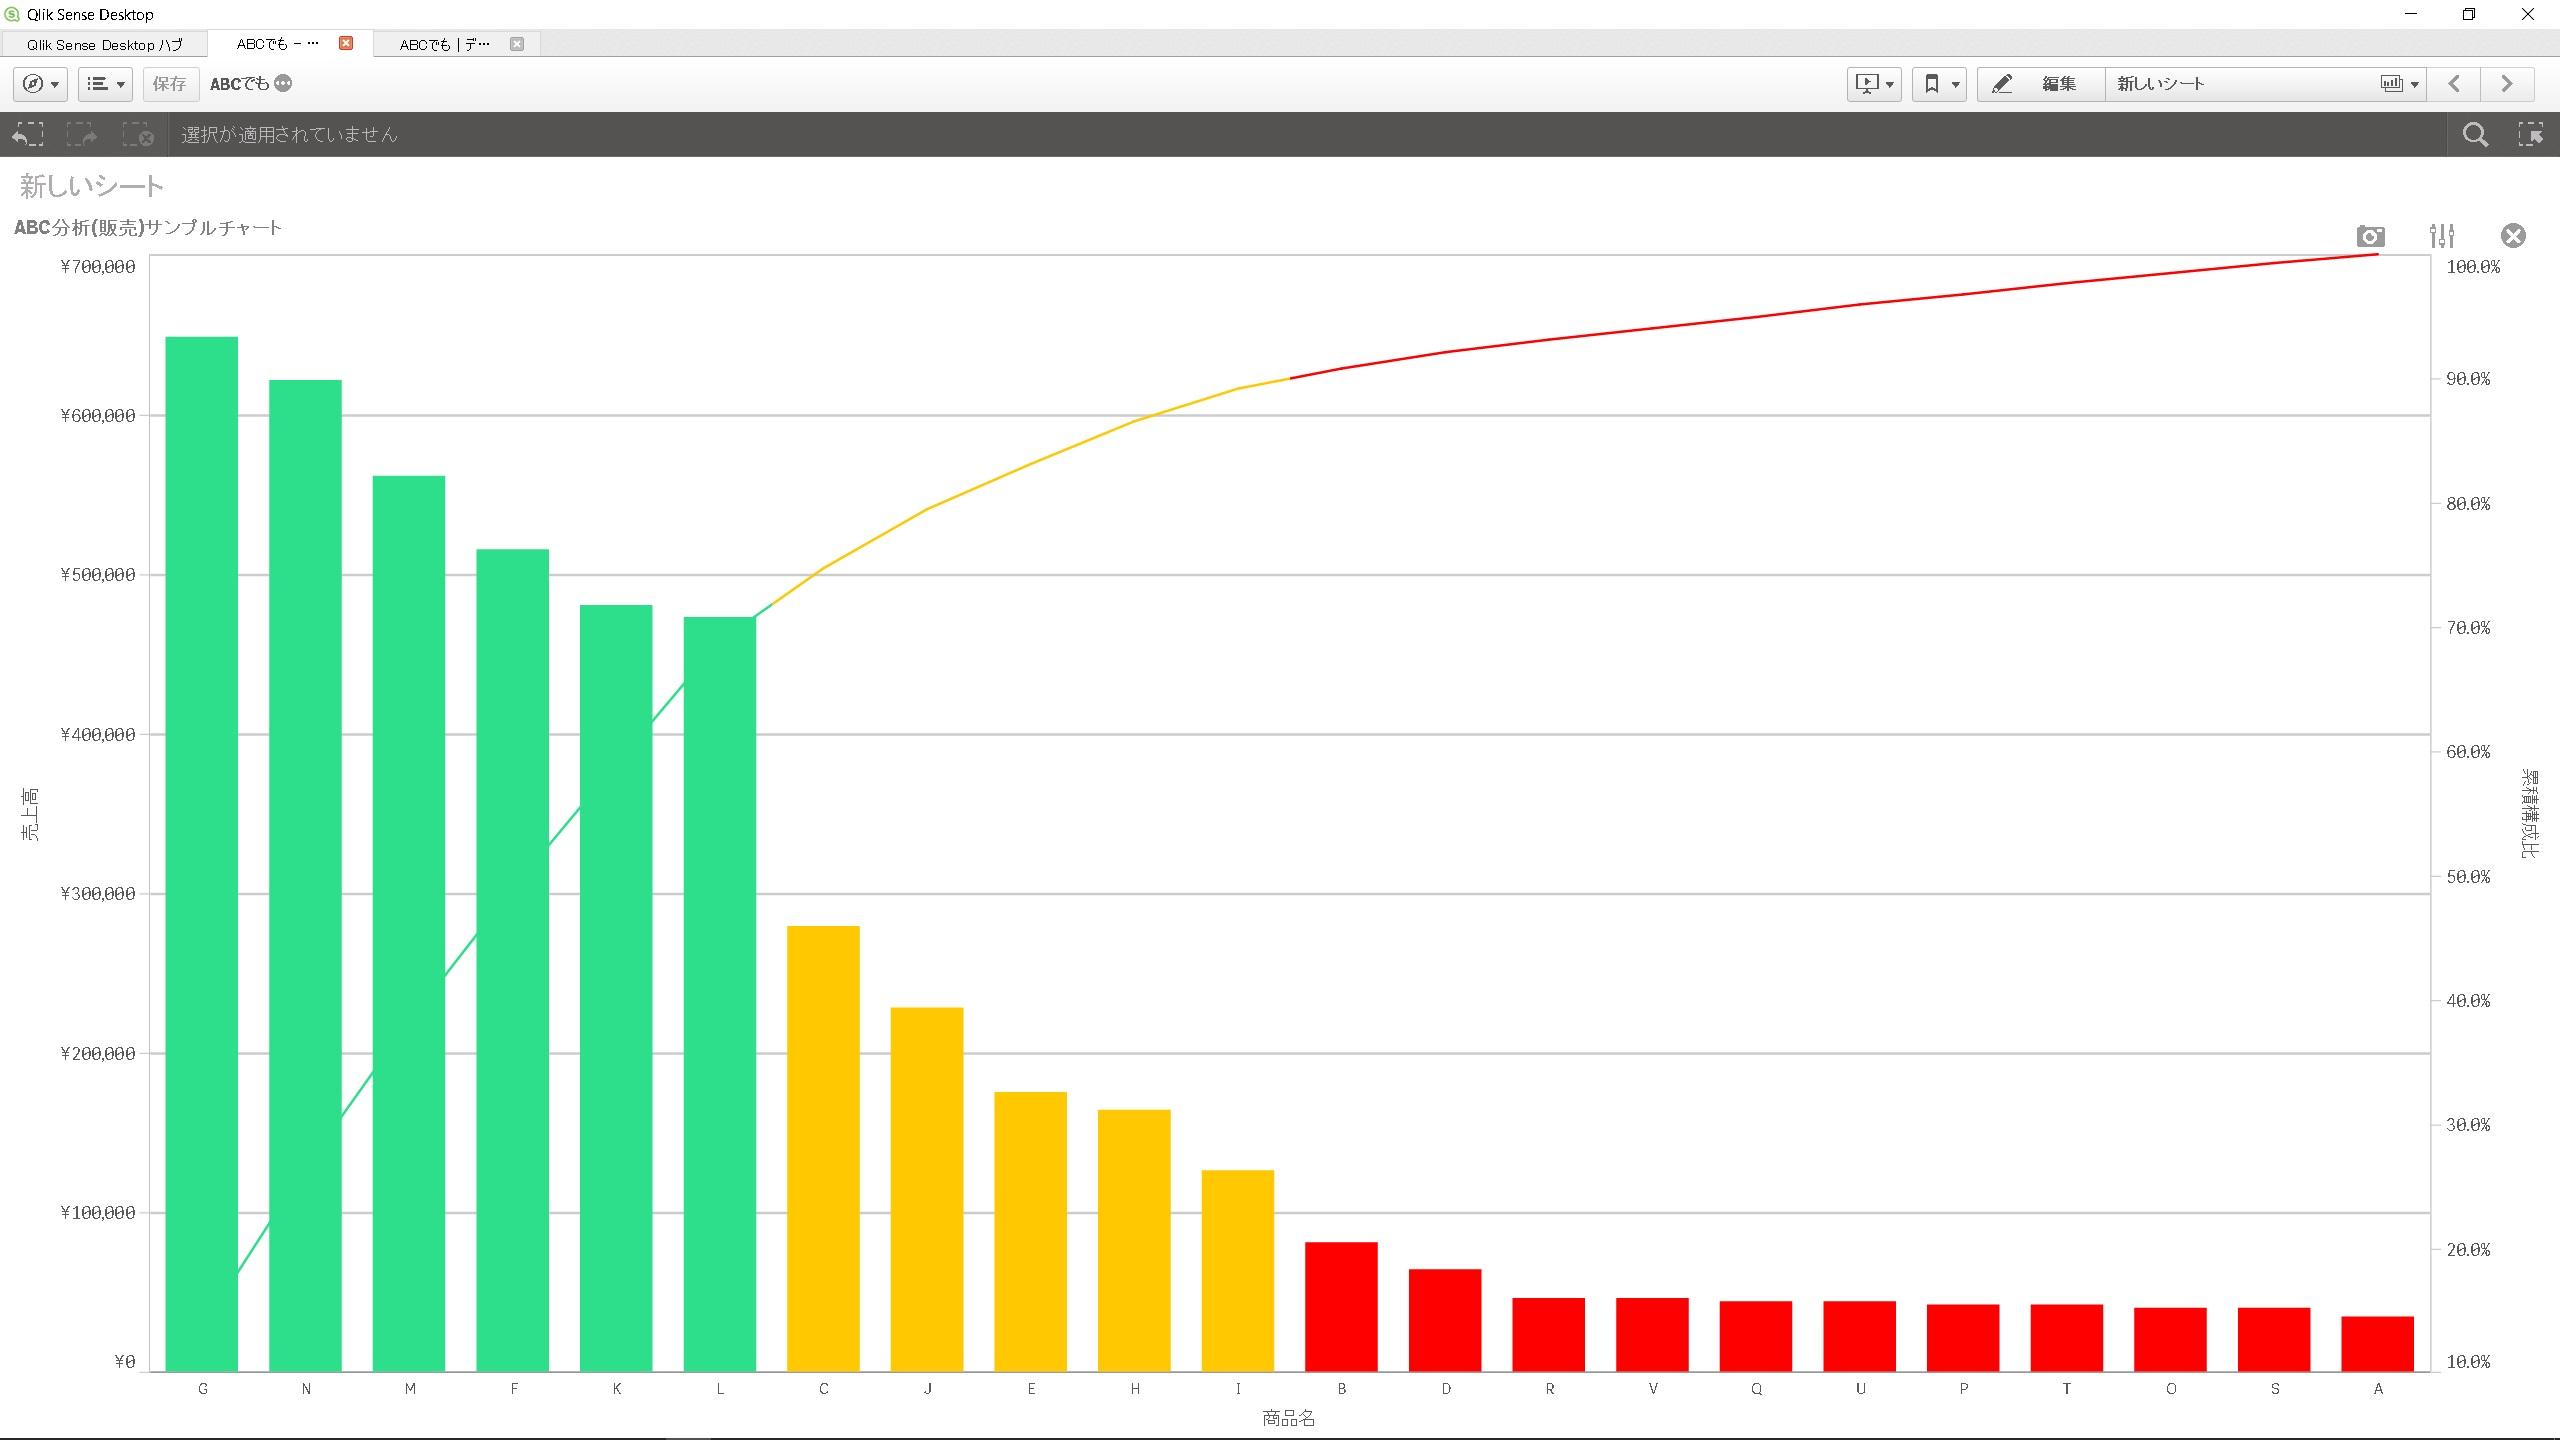 「購買」でさらに調達効率を上げたいが、どうアプローチしたらよいか。<【分析手法】ABC分析